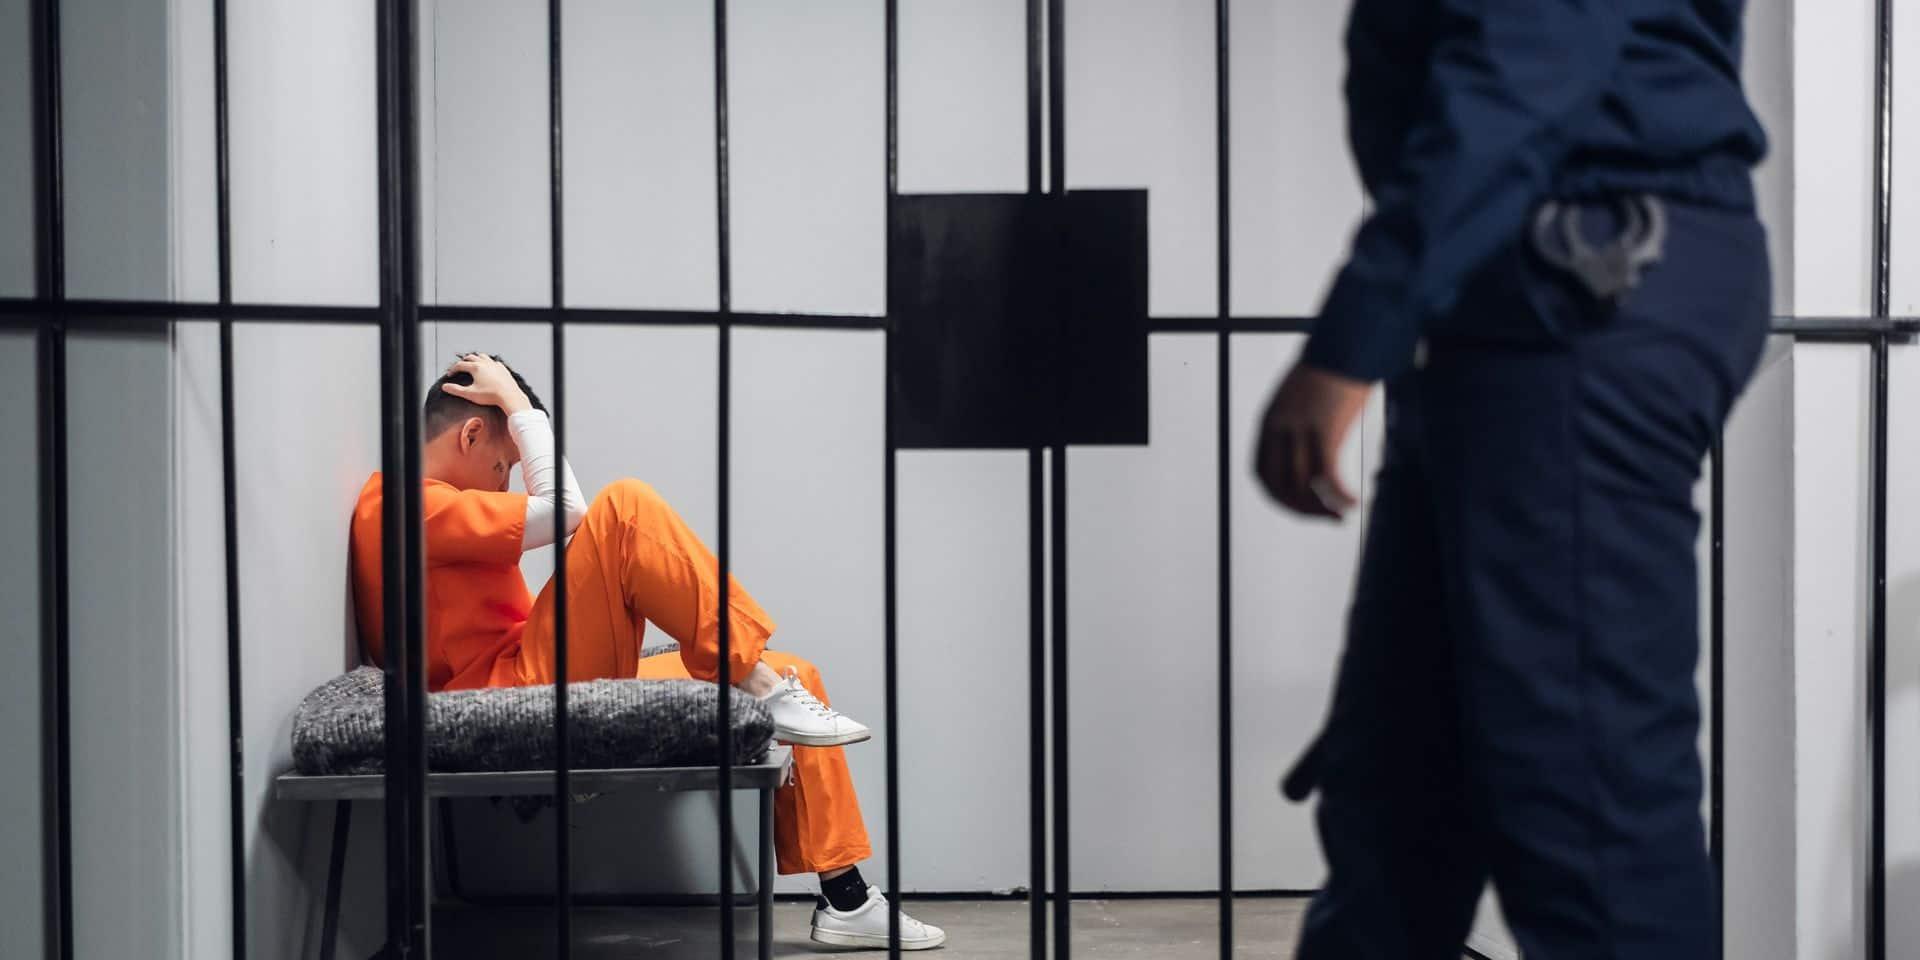 """Inquiétude autour de la lenteur de vaccination des détenus: """"Pas compréhensible que les prisons ne soient pas prioritaires"""""""